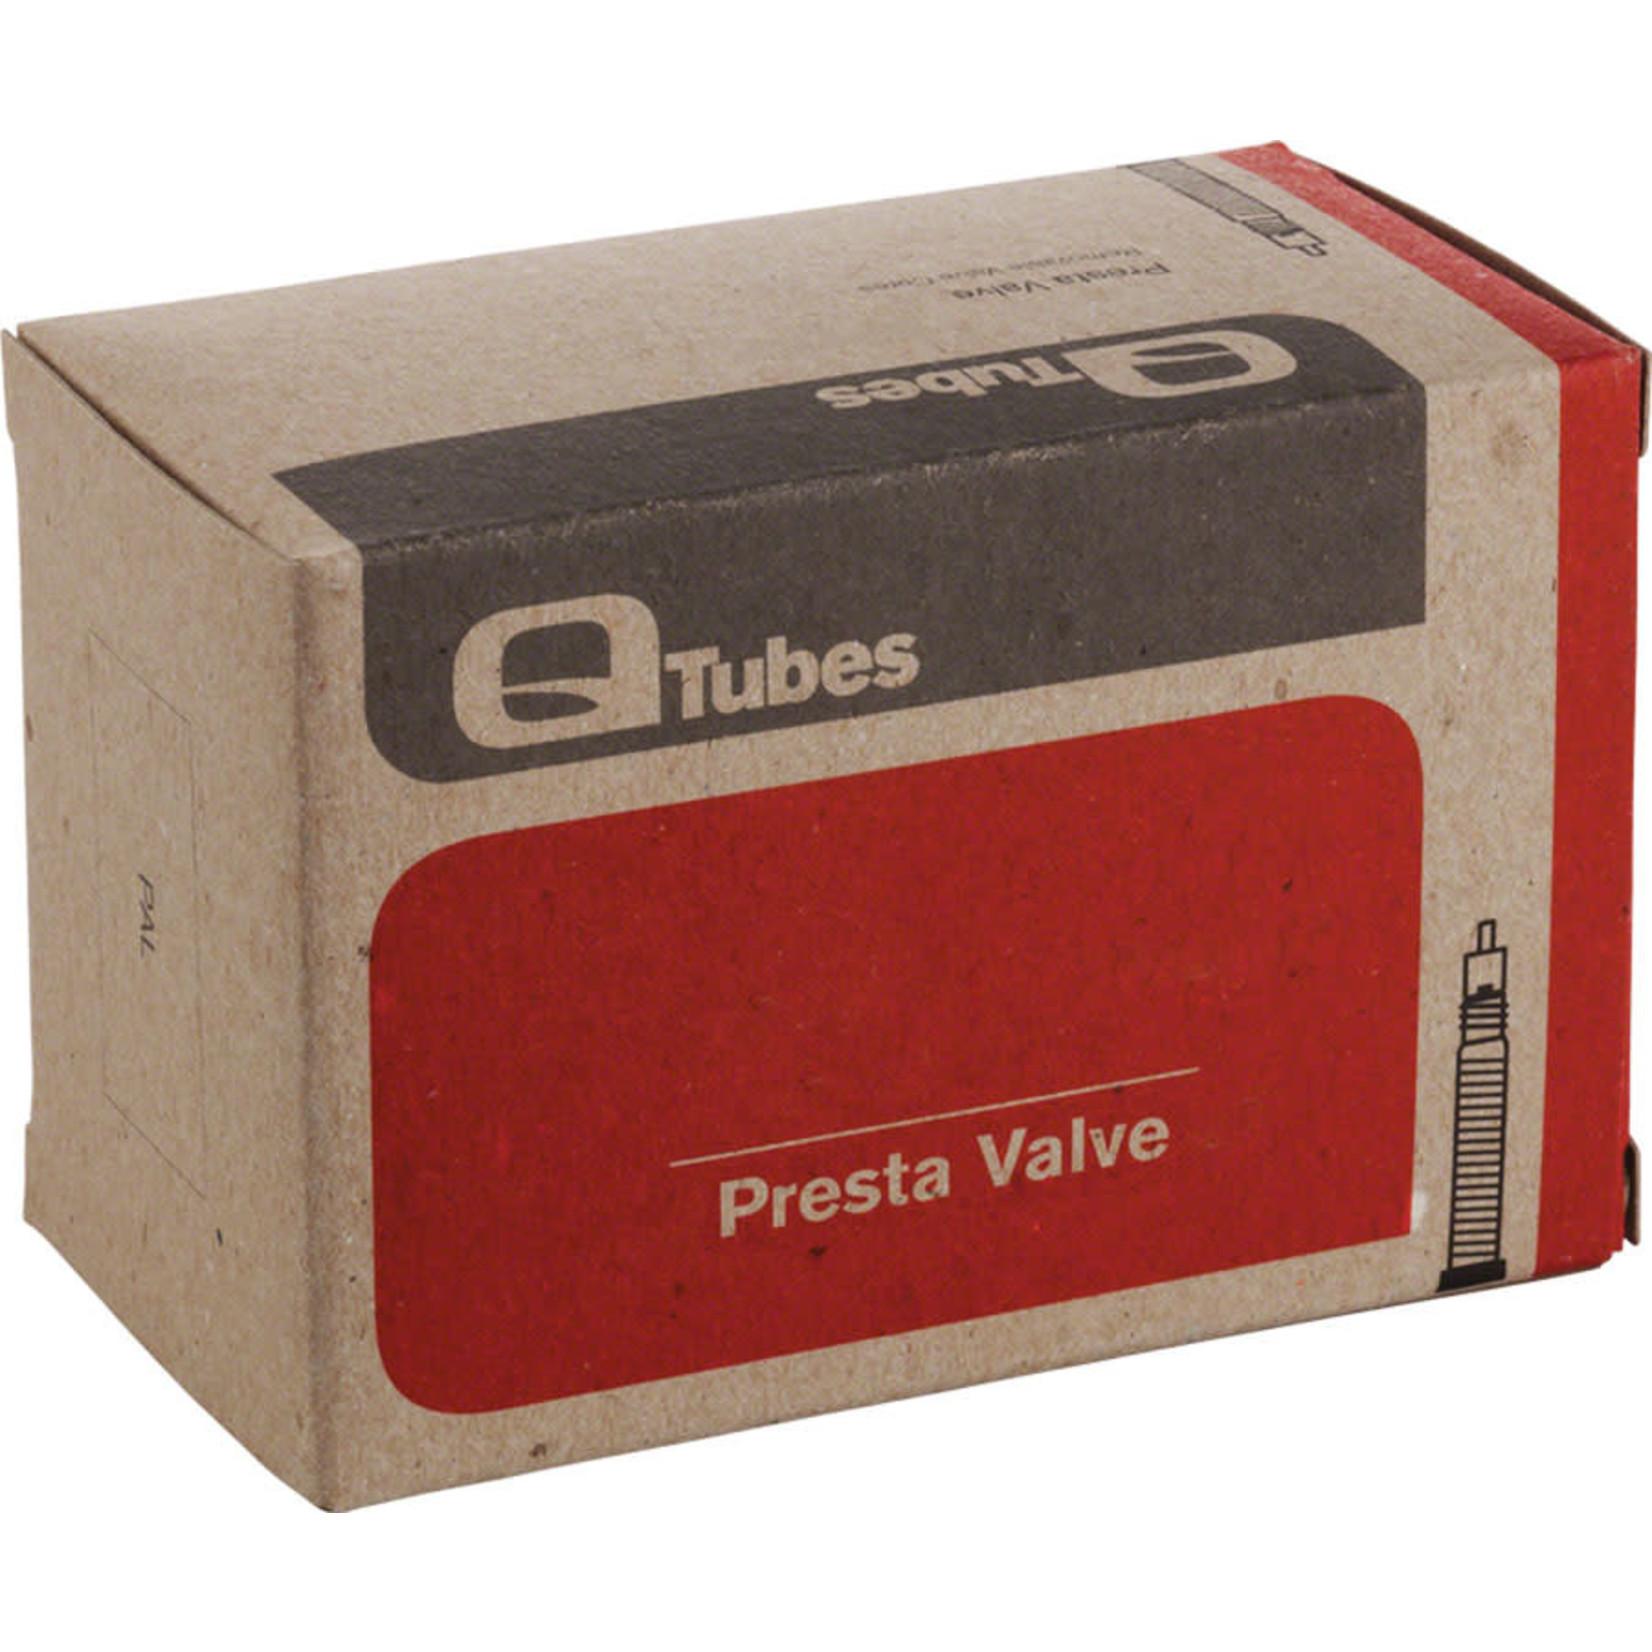 """Q-Tubes Q-Tubes 26"""" x 1.5-1.75"""" 48mm Presta Valve Tube"""